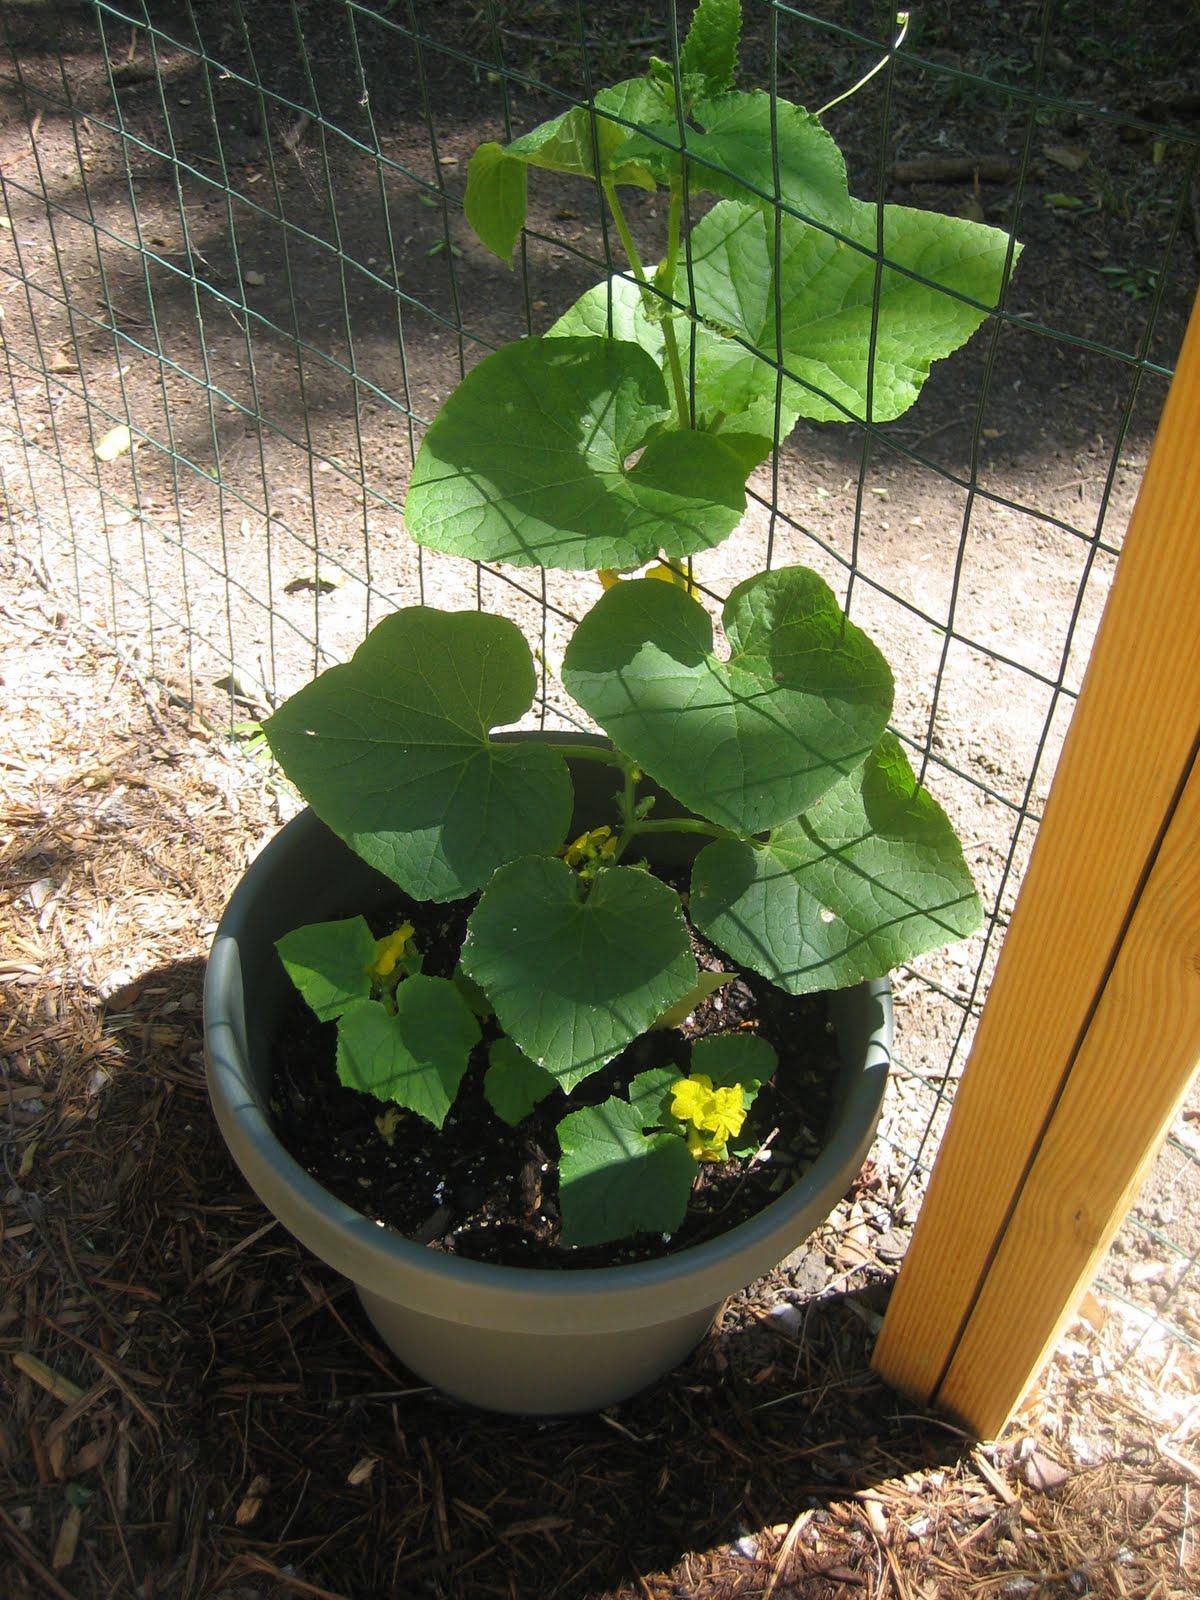 Kaysarverart April Garden Update